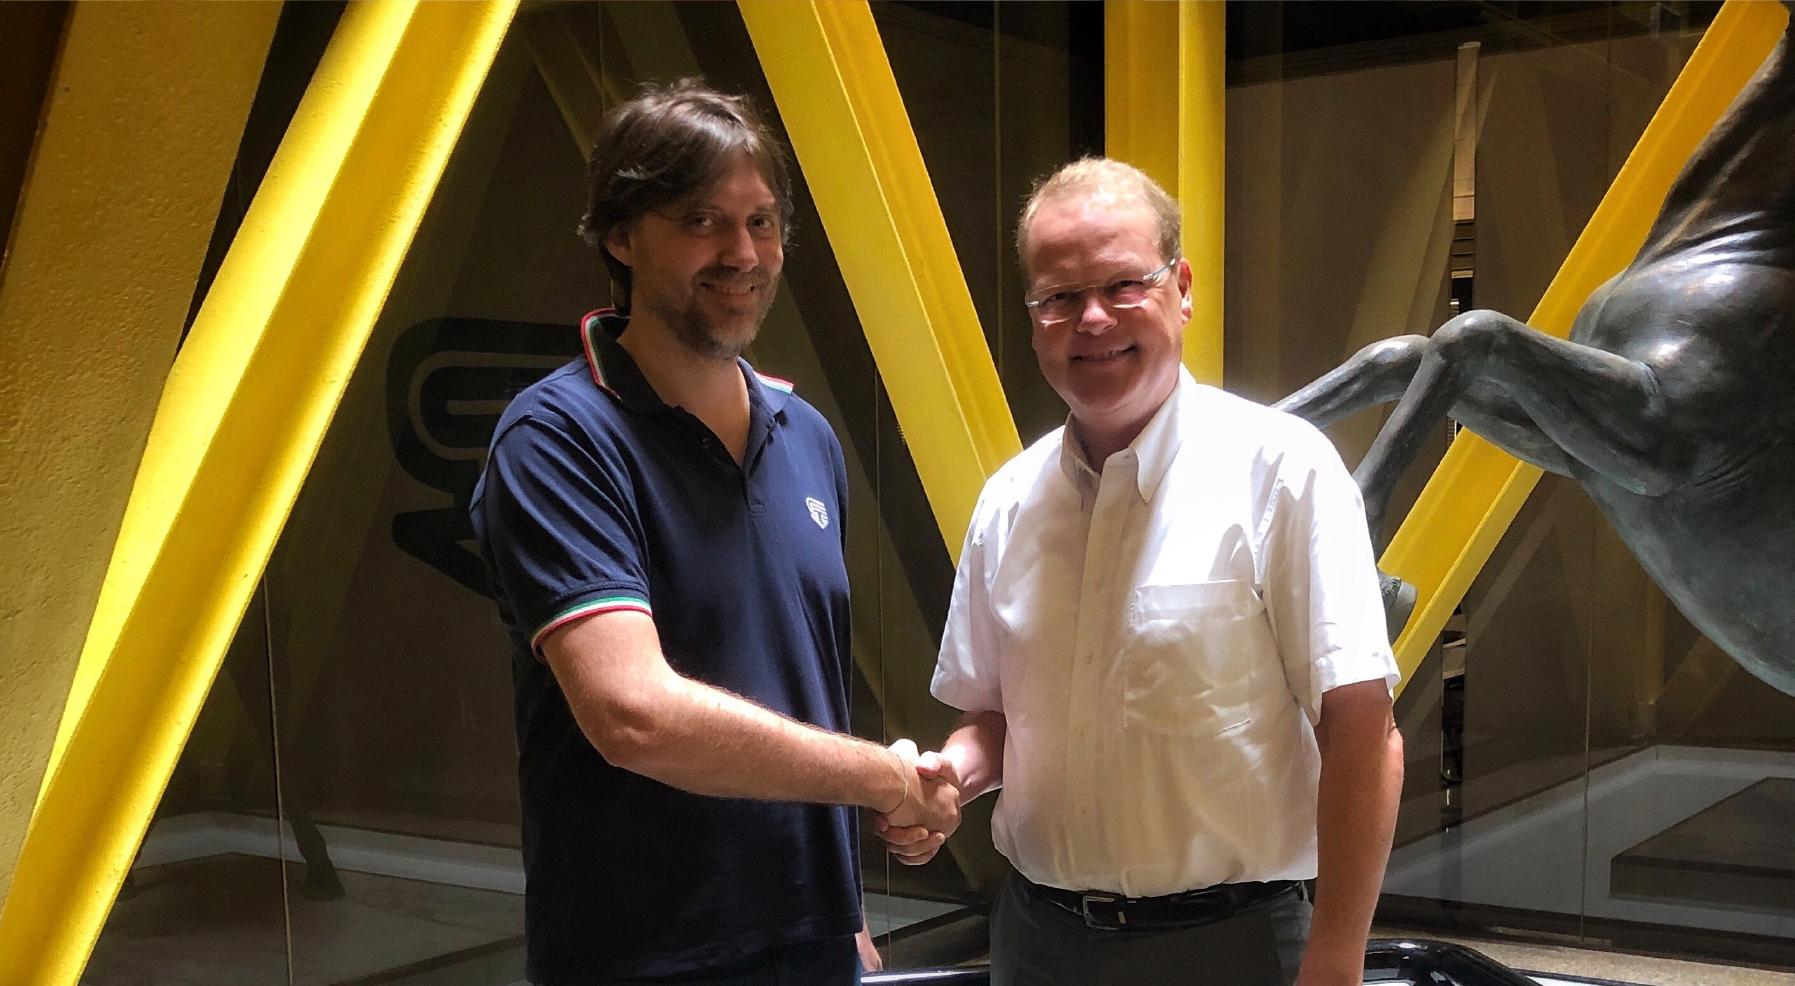 fielddata.io GmbH und Casagrande S.p.A. schließen Kooperationsvertrag